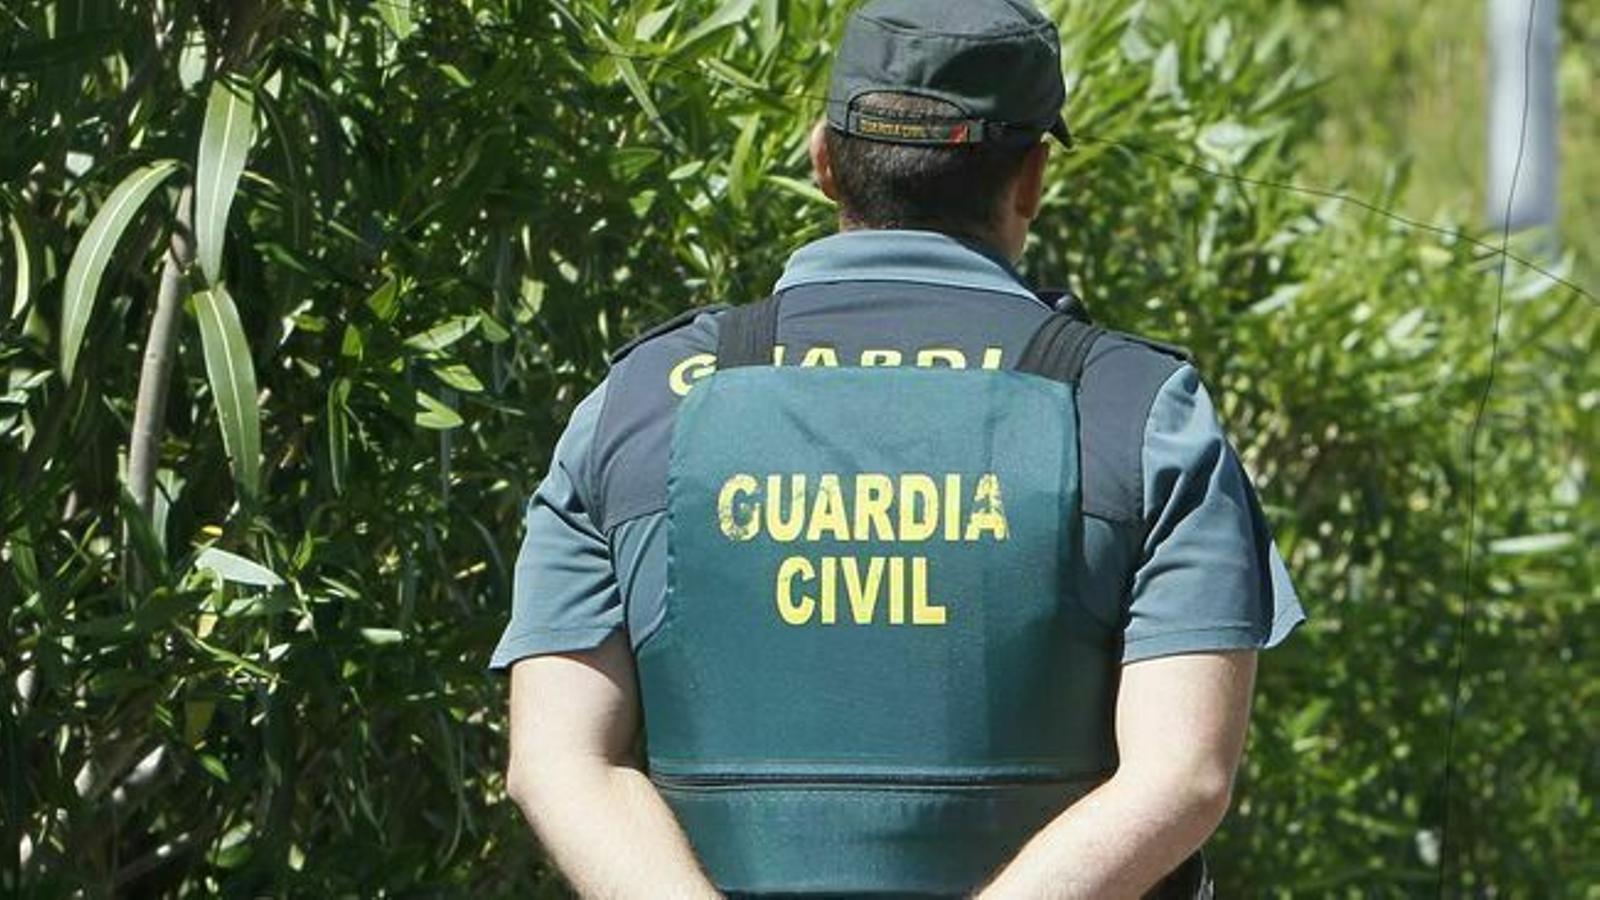 Un agent de la Guàrdia Civil en una imatge d'arxiu